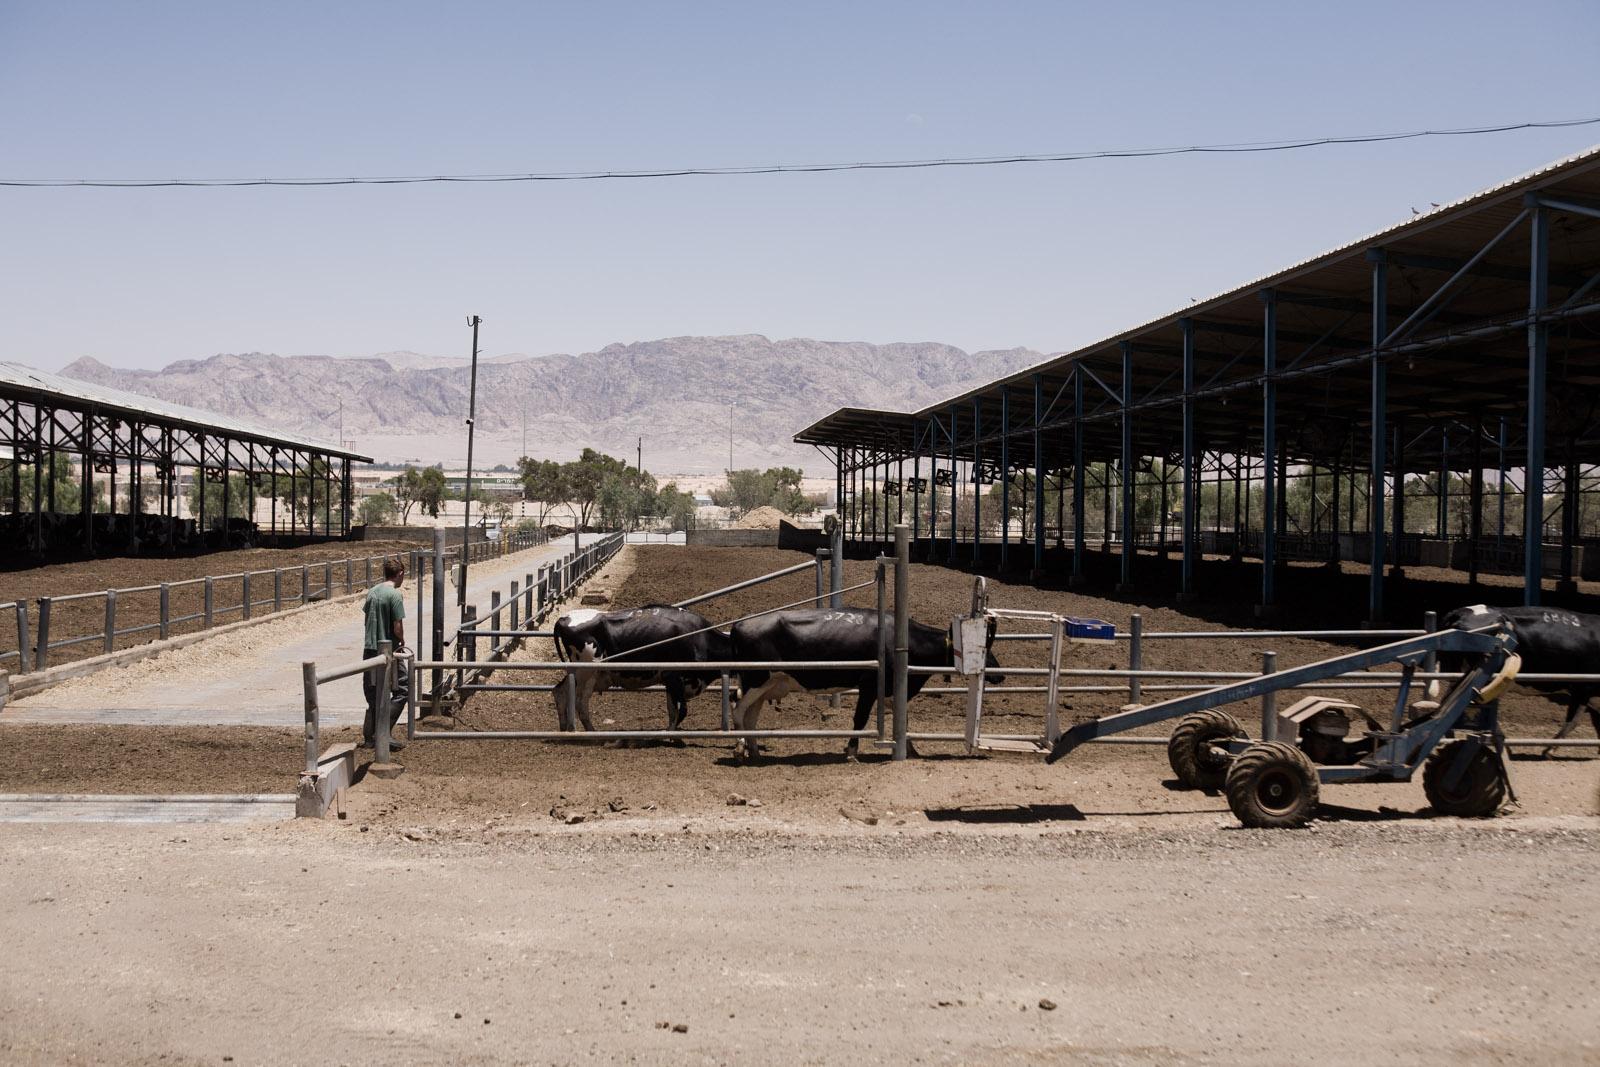 Les vaches du kibutz, avant la traite sont abritées du soleil du désert.